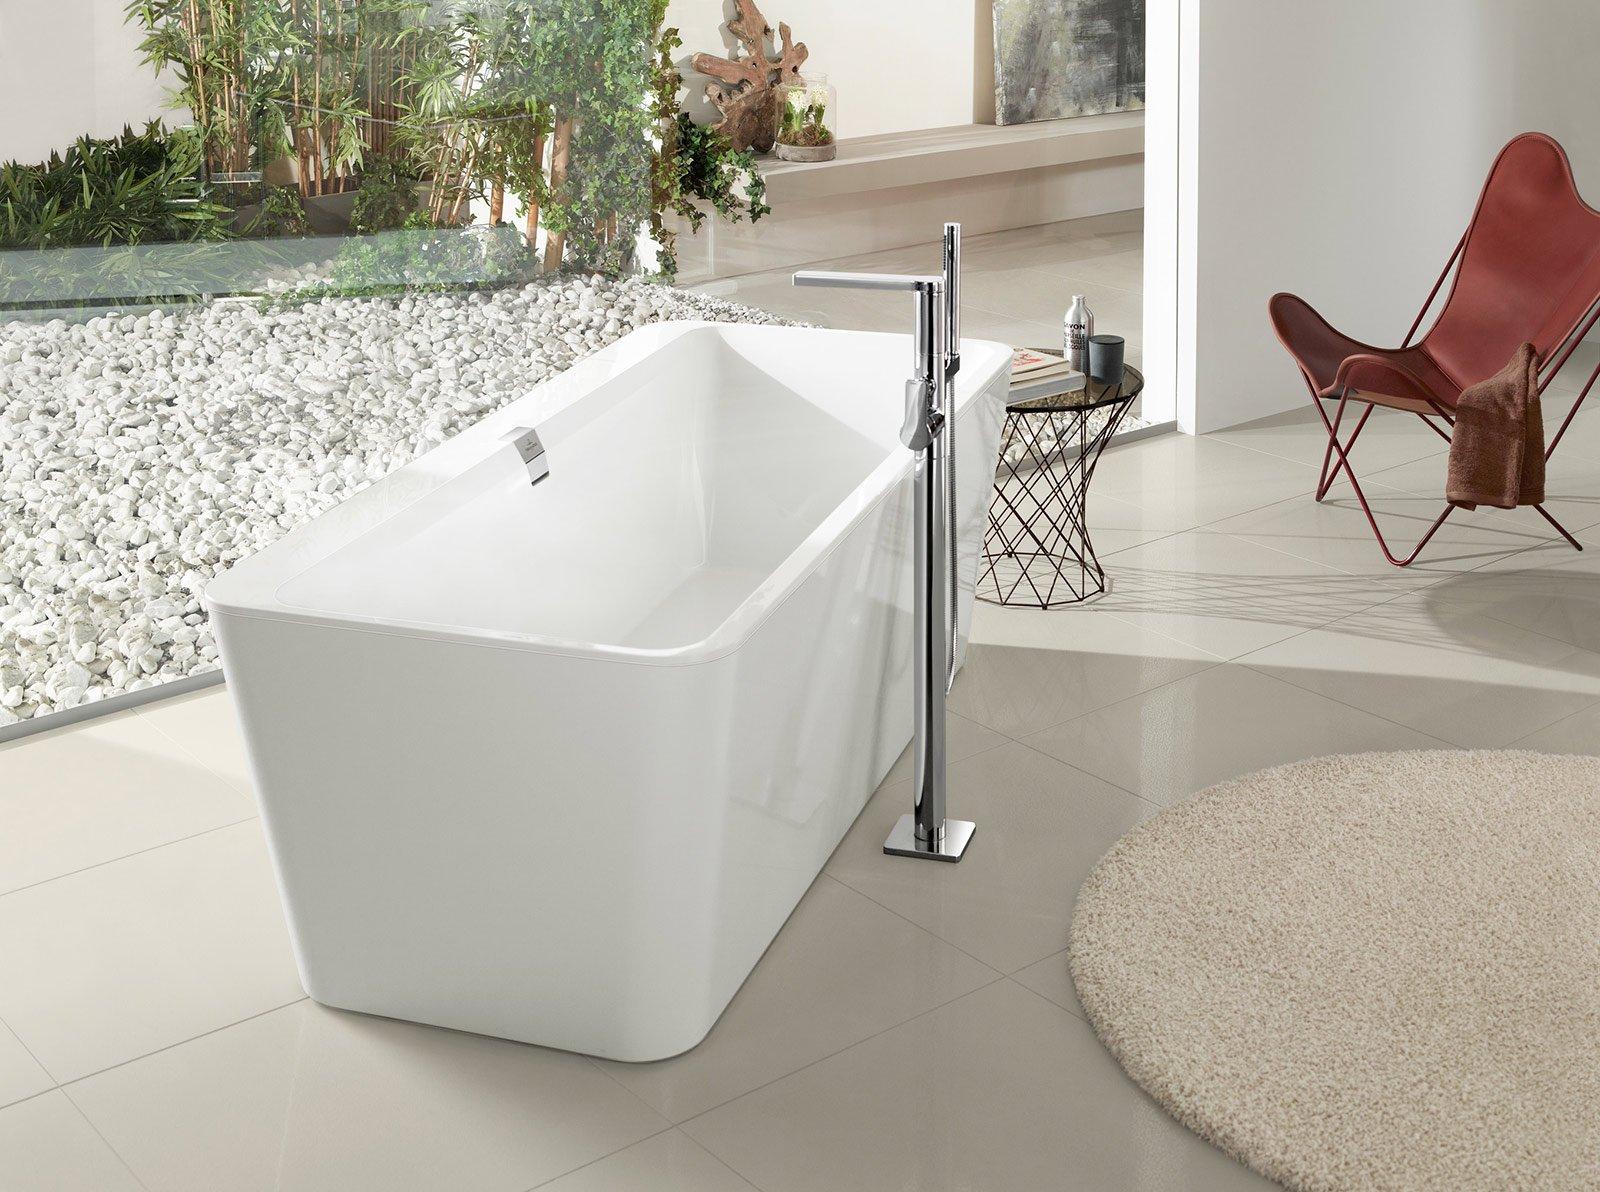 Vasche da bagno novit del cersaie 2013 cose di casa - Vasche da bagno sovrapposte prezzi ...